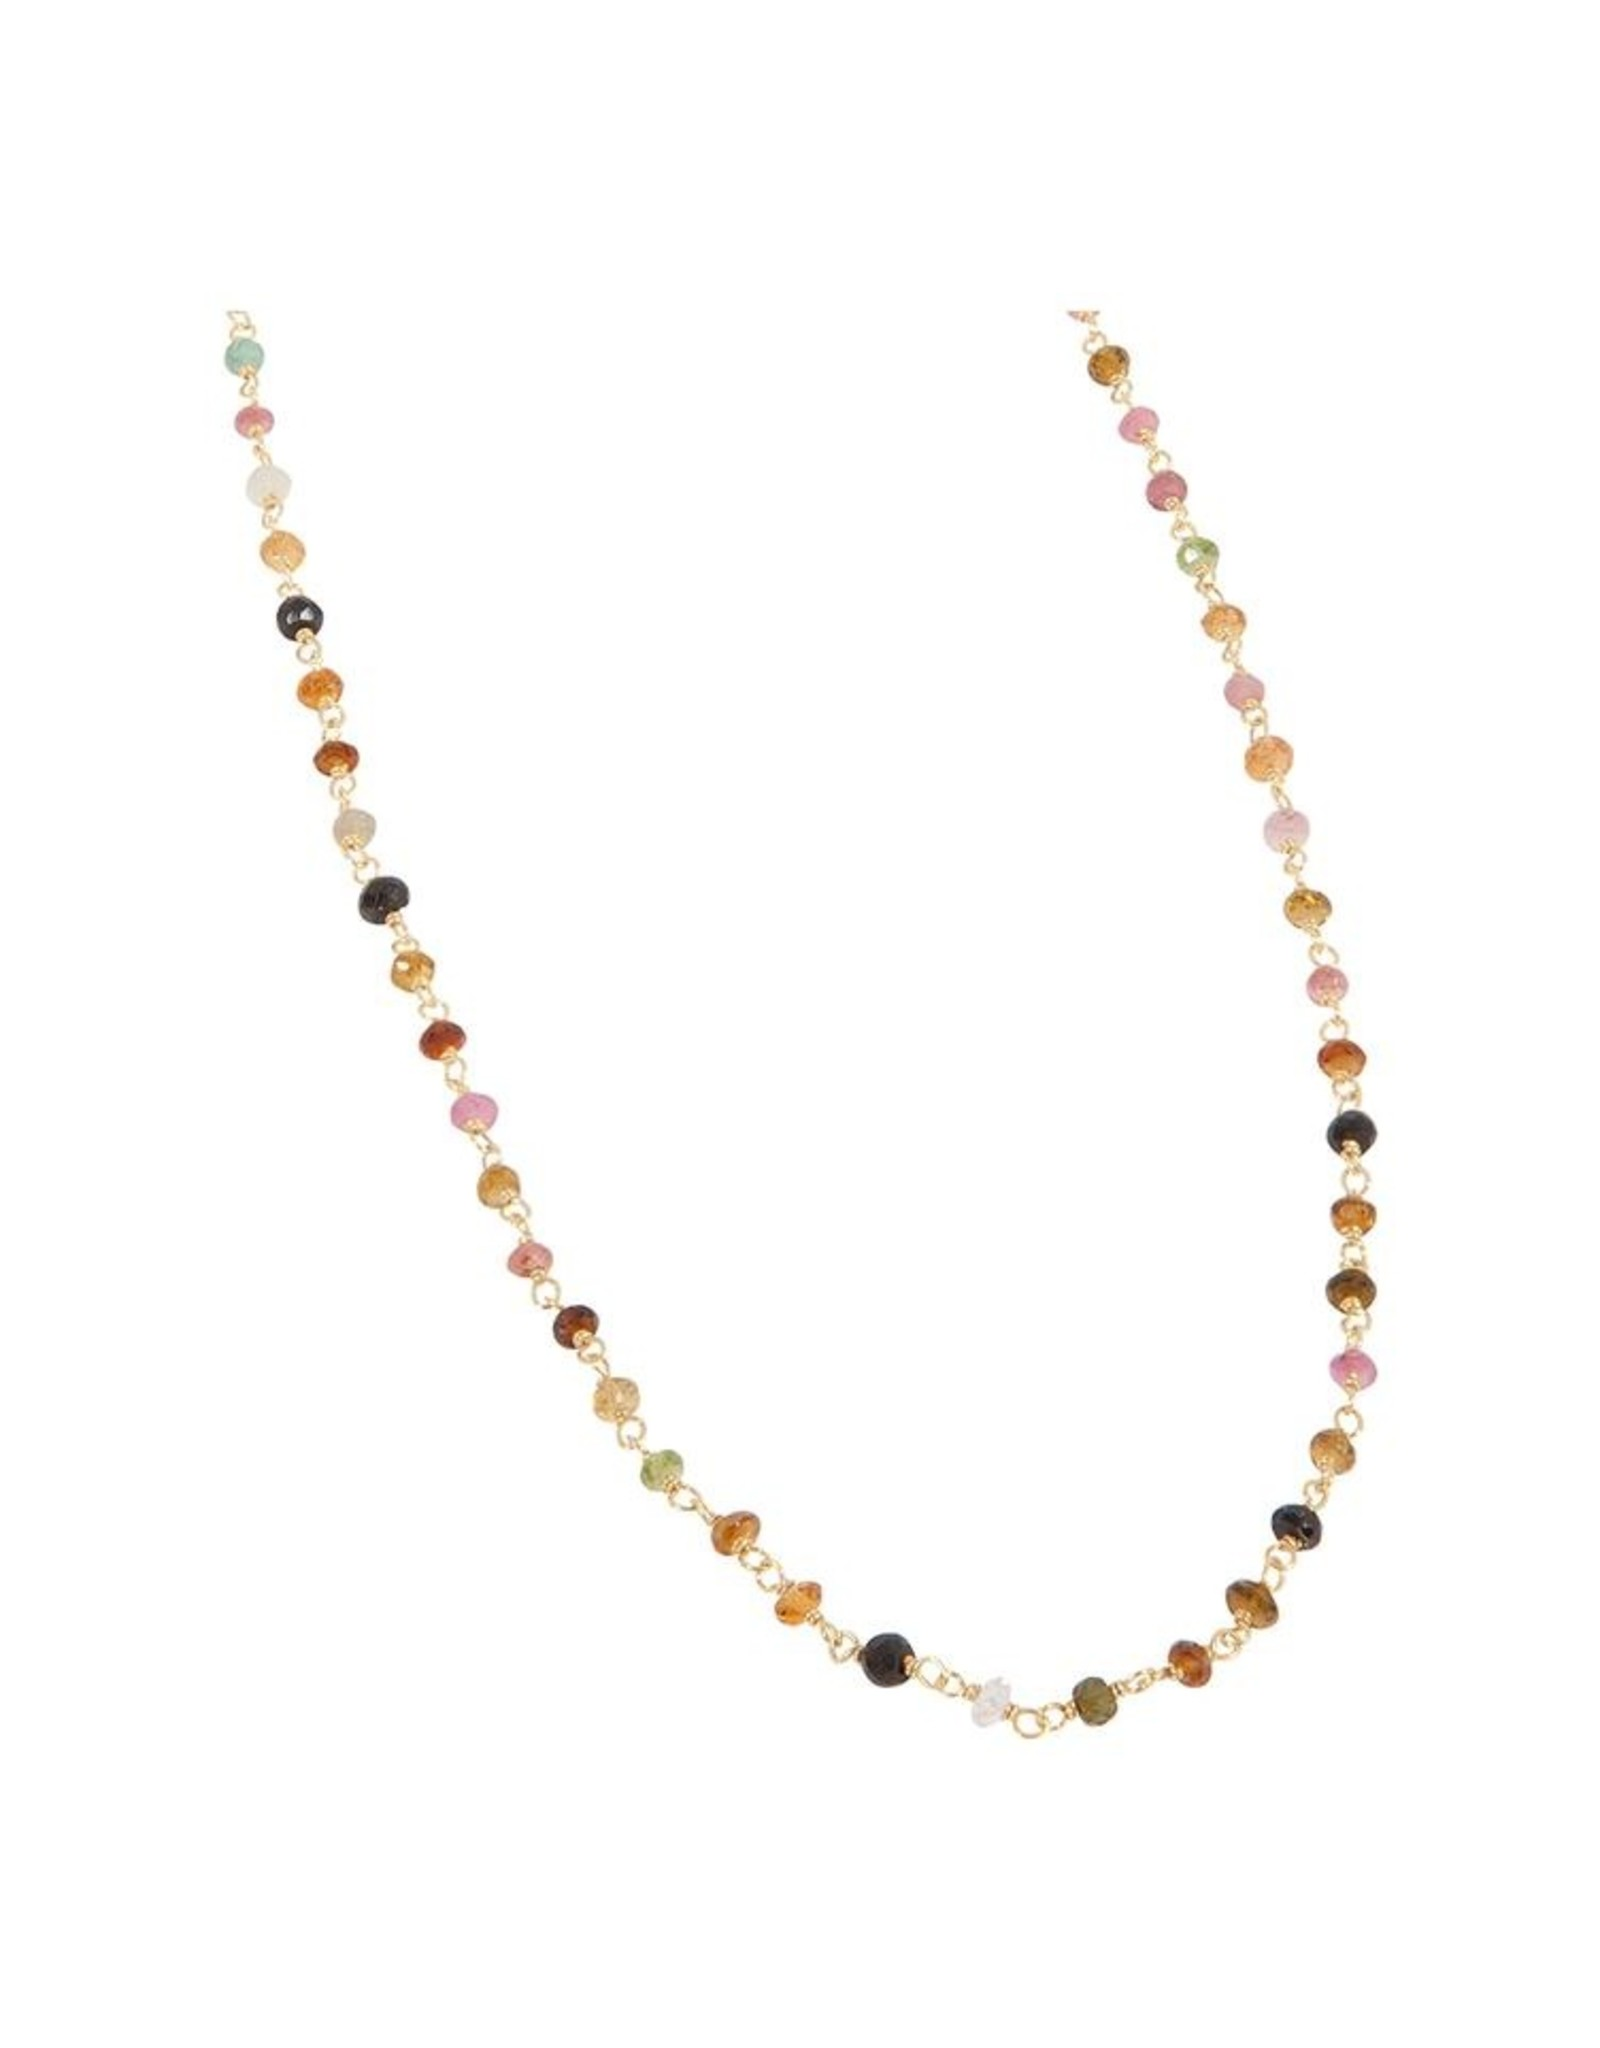 Halskette Tourmaline   925 Silber vergoldet